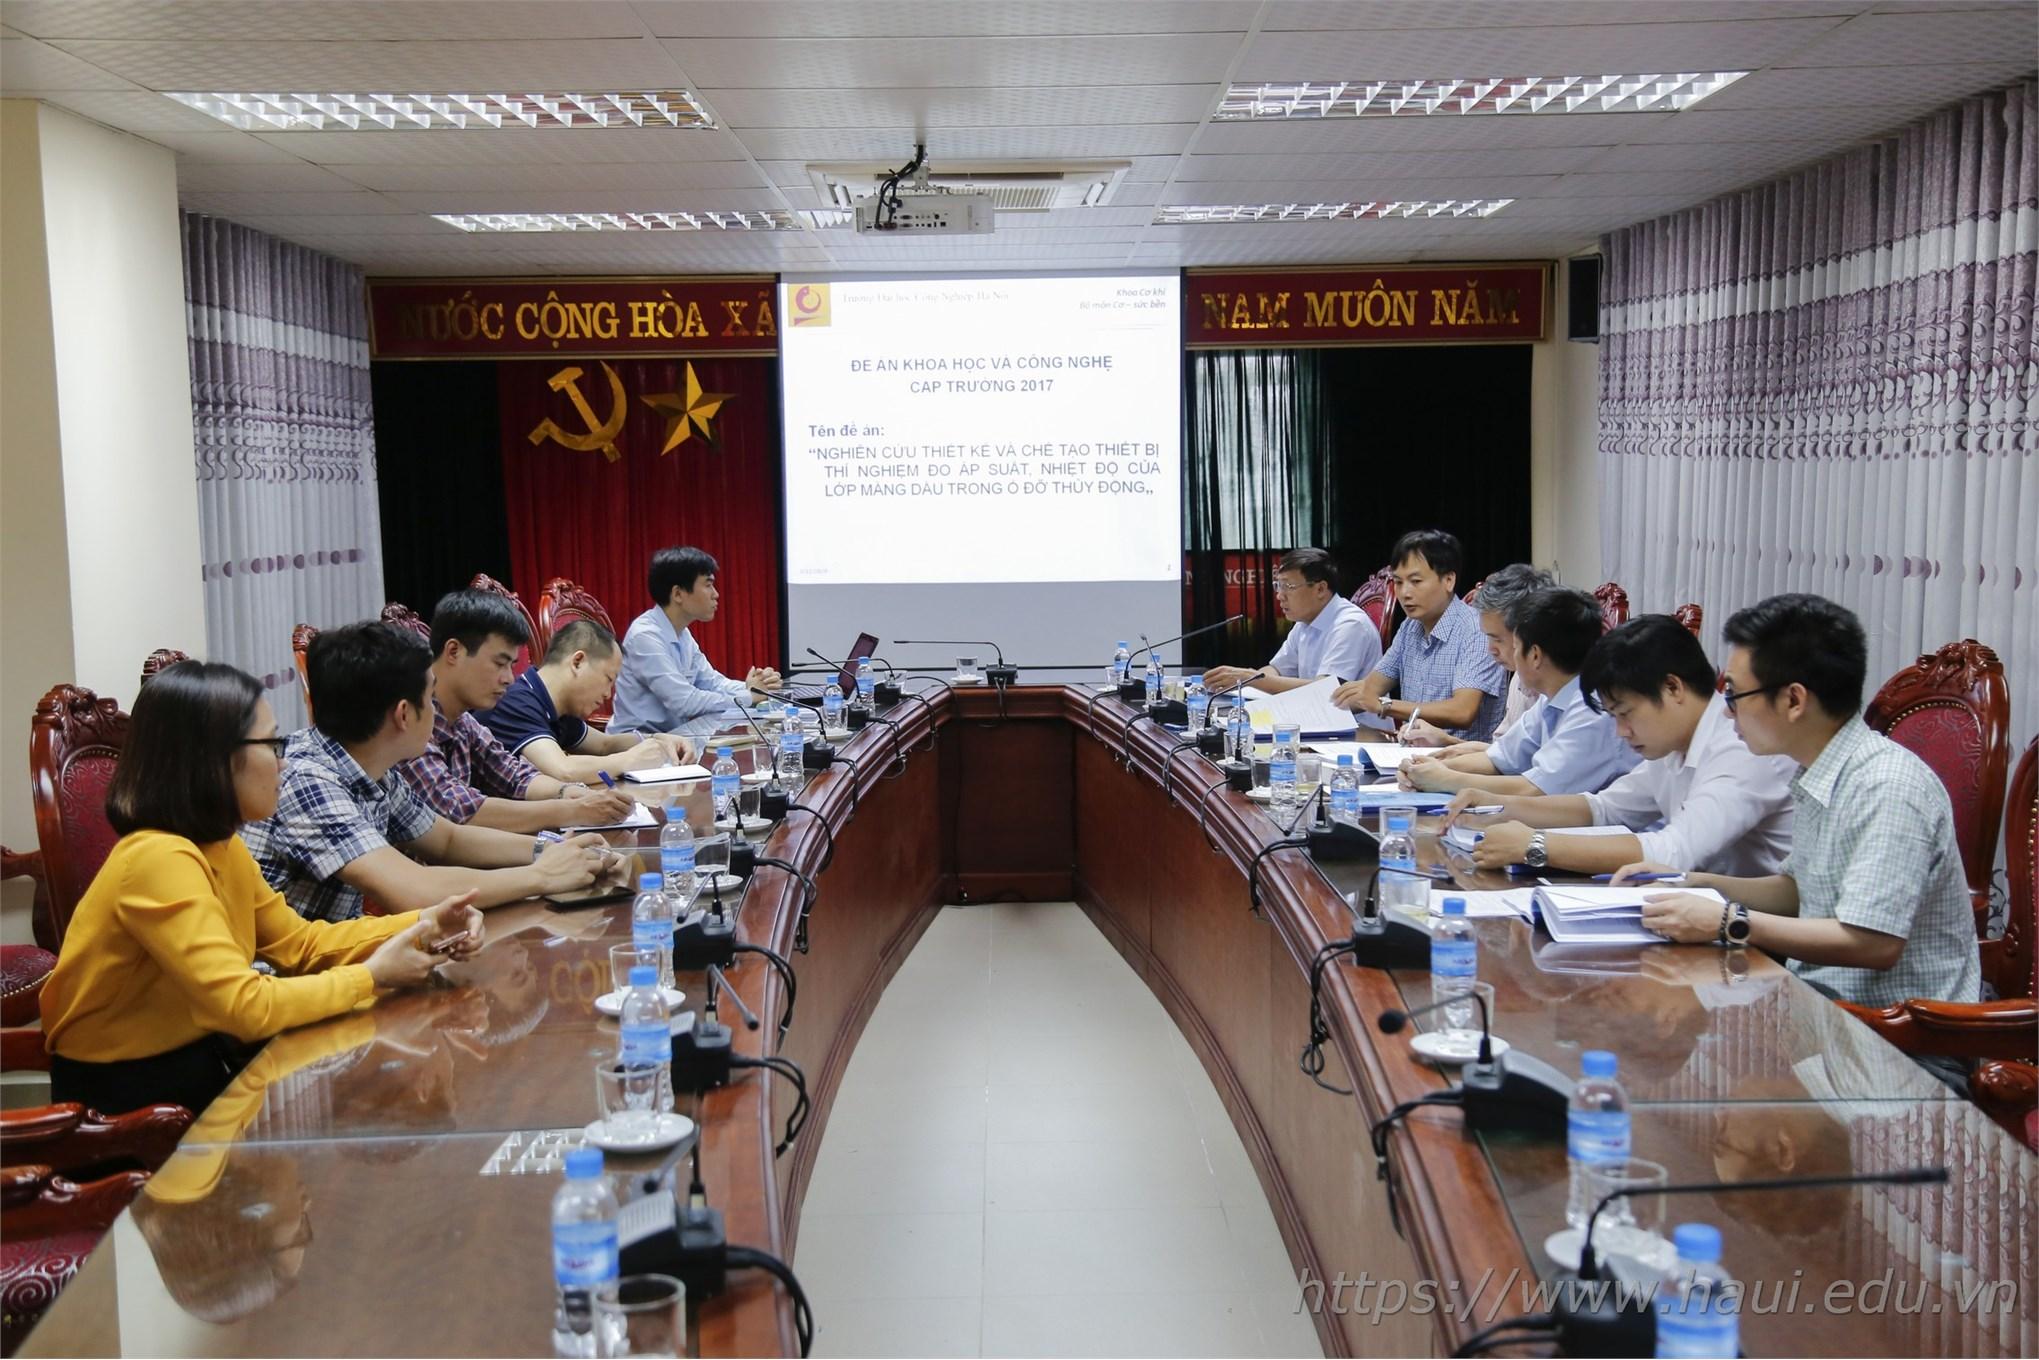 Toàn cảnh Hội đồng nghiệm thu đề án NCKH cấp trường do TS. Nguyễn Văn Thắng làm chủ nhiệm